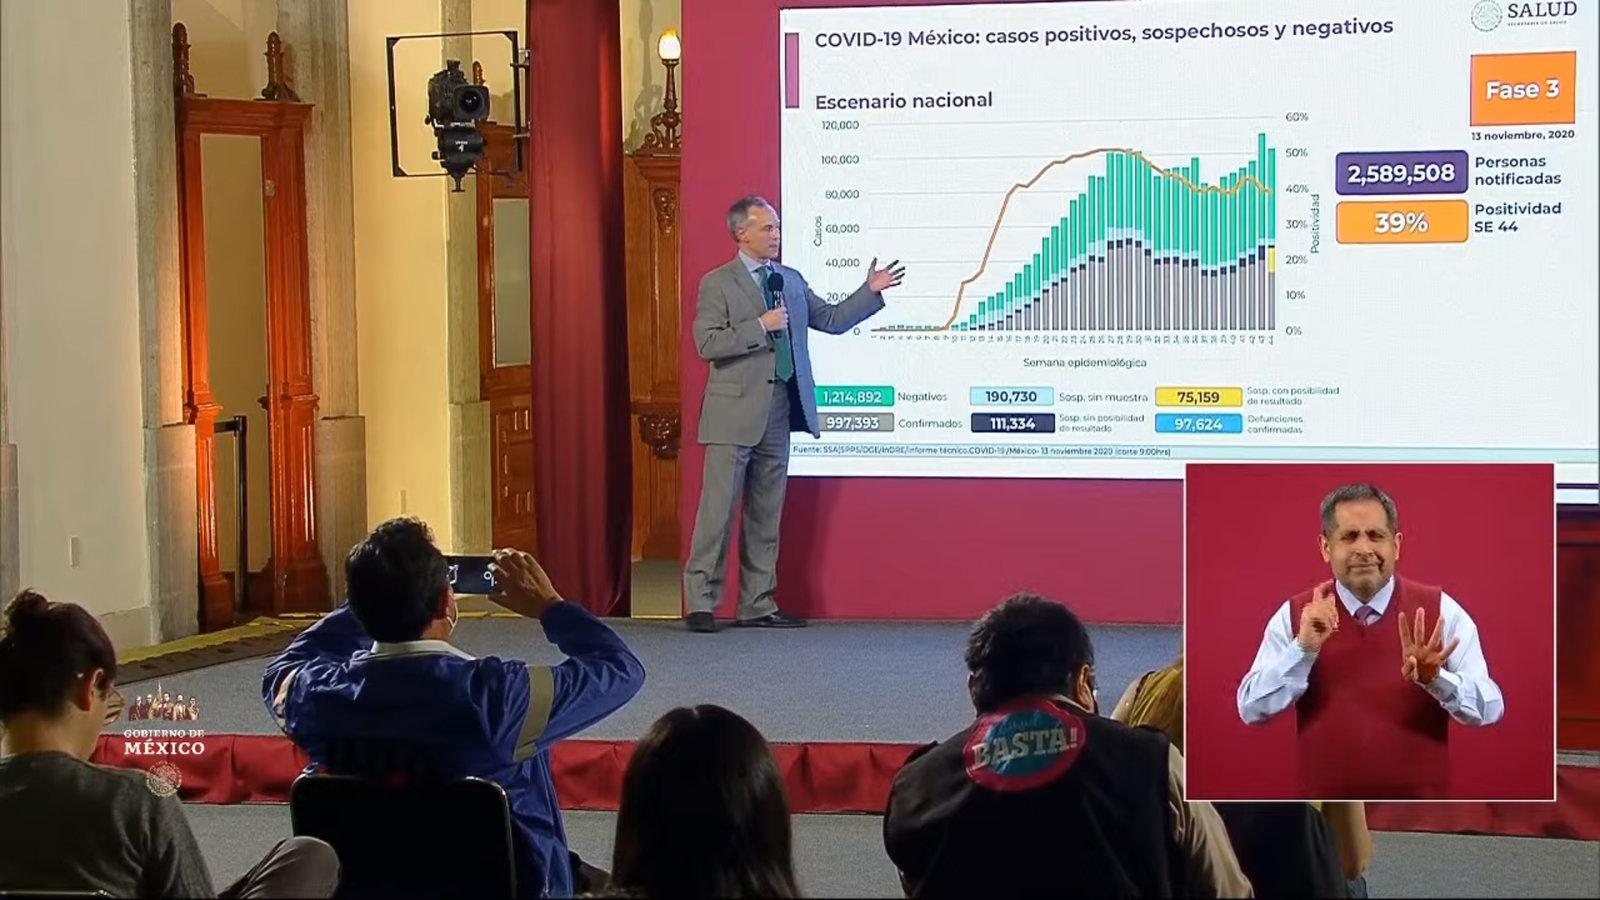 997 mil 393 los casos confirmados de COVID-19 en México; 97 mil 624 las defunciones